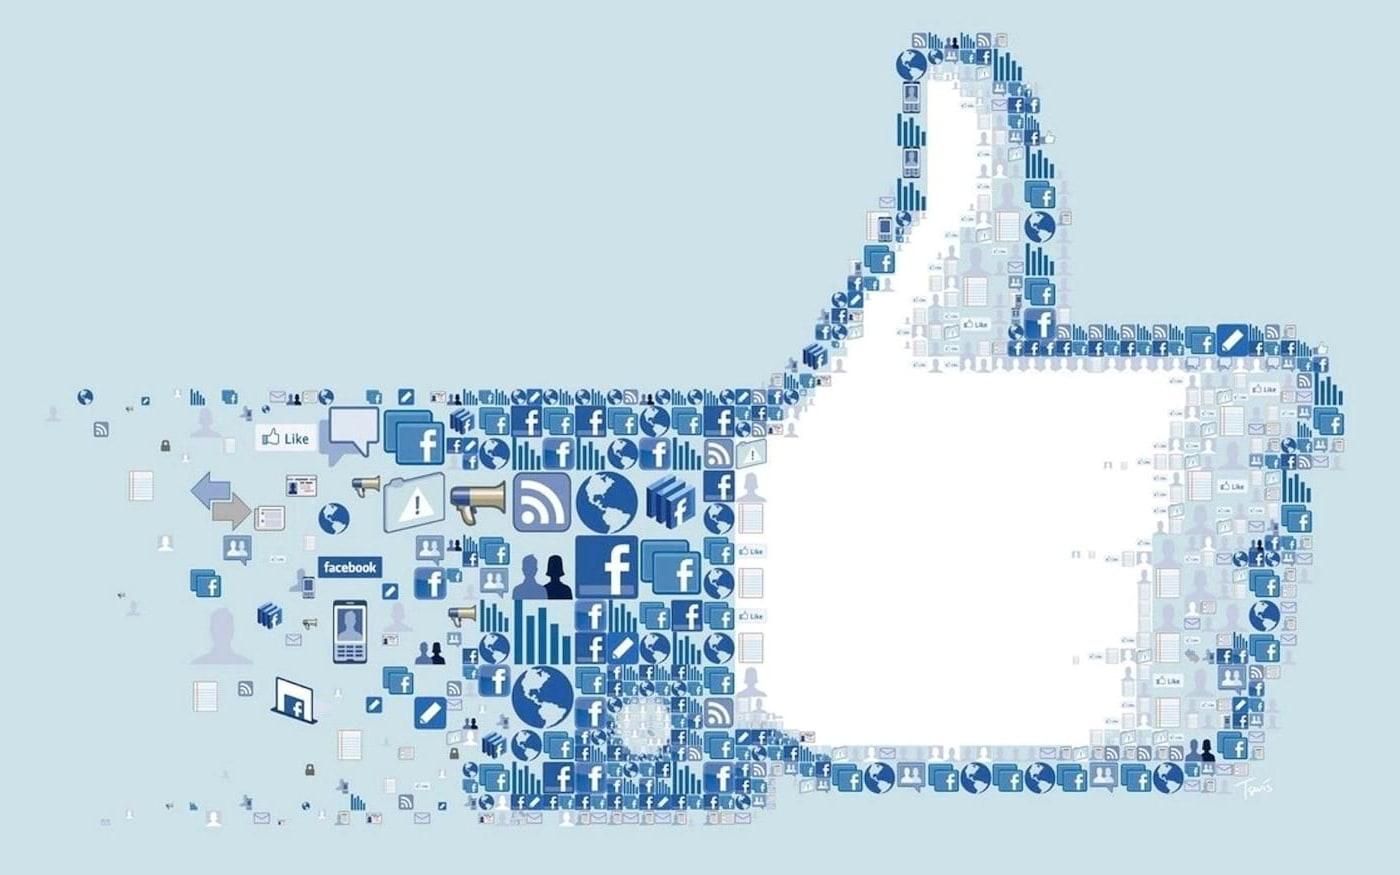 O fim da ostentação de likes no Facebook está chegando